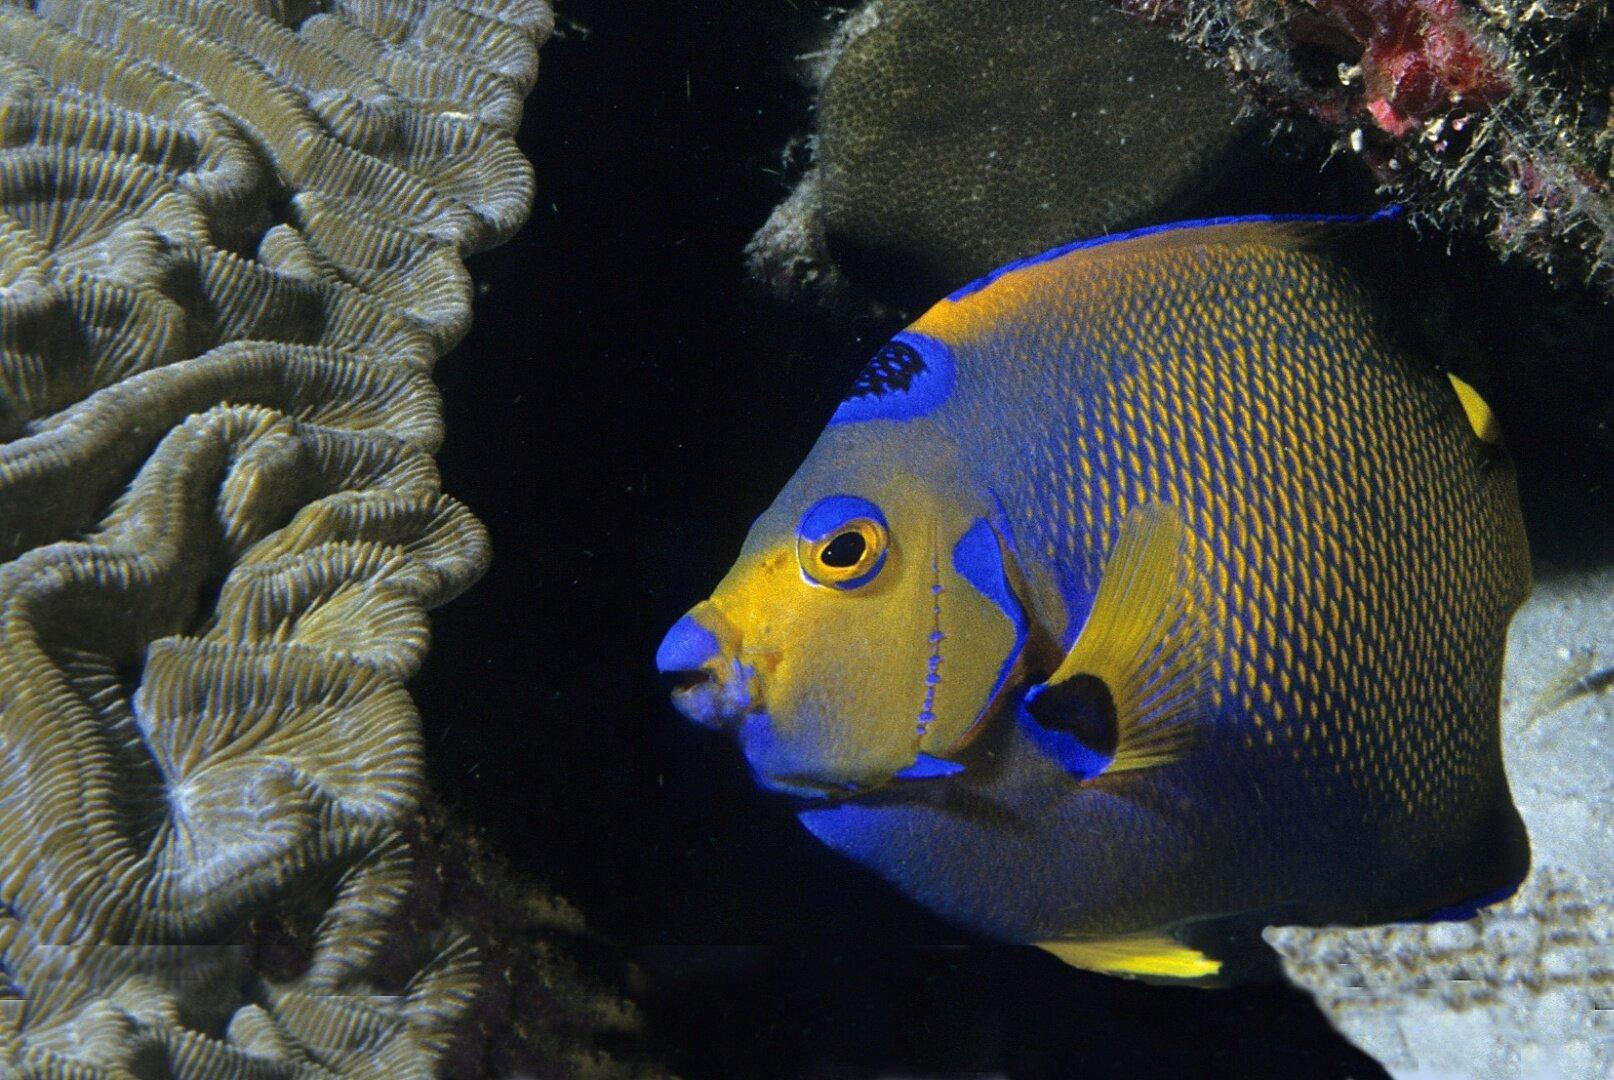 Köinigin-Engelfisch